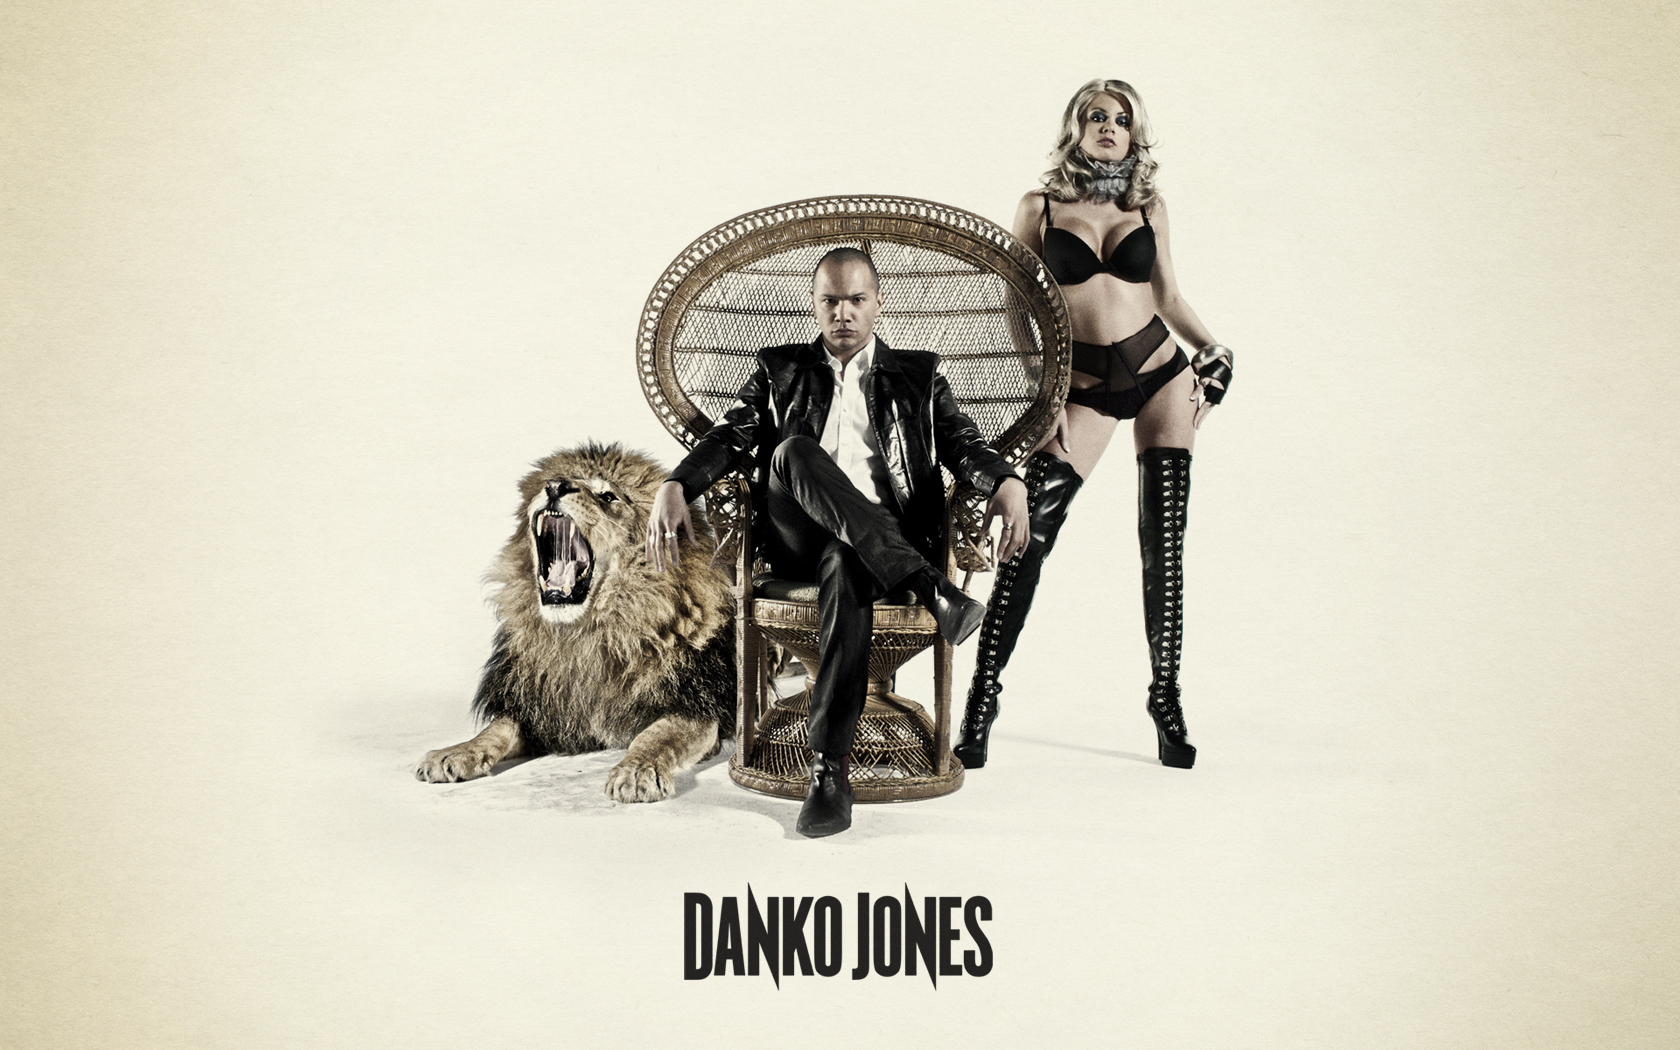 Danko-Jones-danko-jones-32937885-1680-1050.jpg